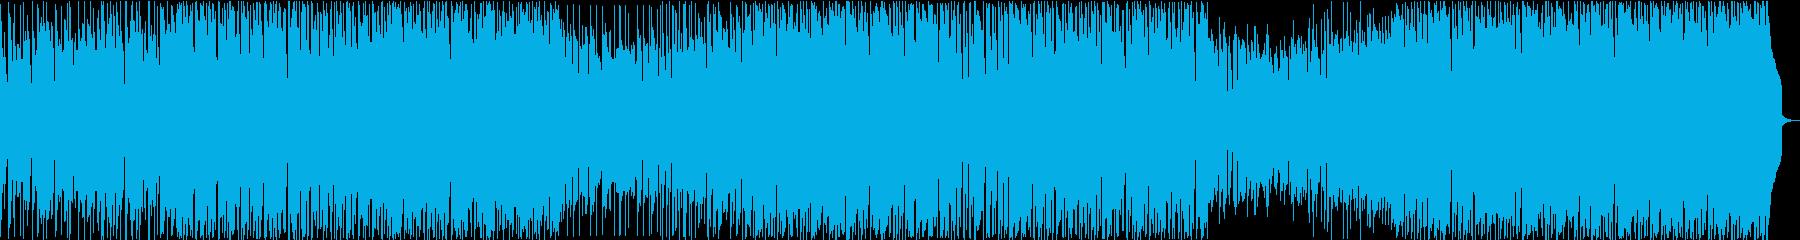 ブレイクビーツ 積極的 焦り 燃え...の再生済みの波形